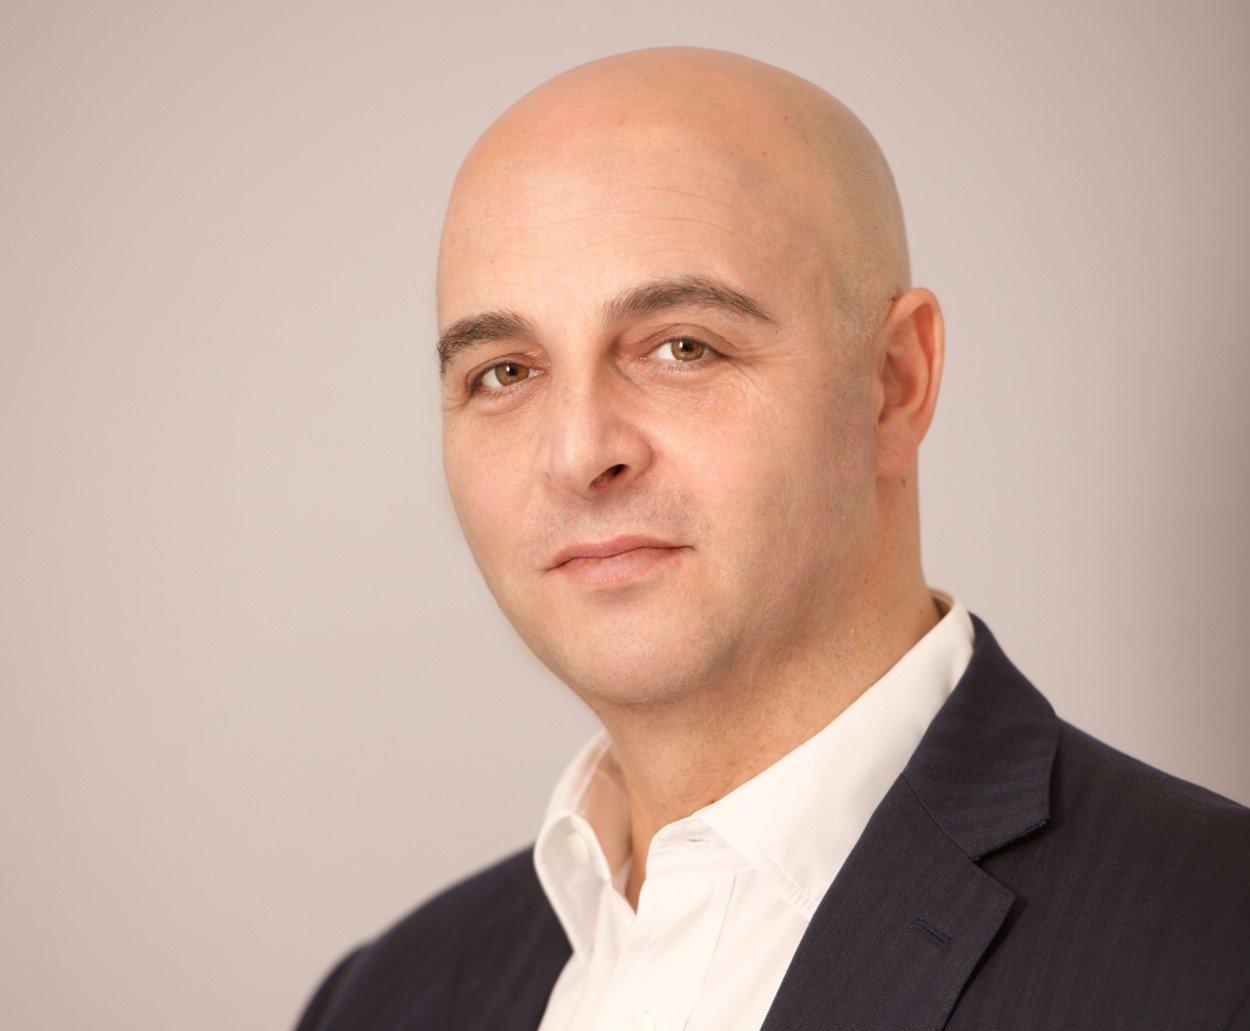 Meet a CEO: Luke Battah, Pass Technology